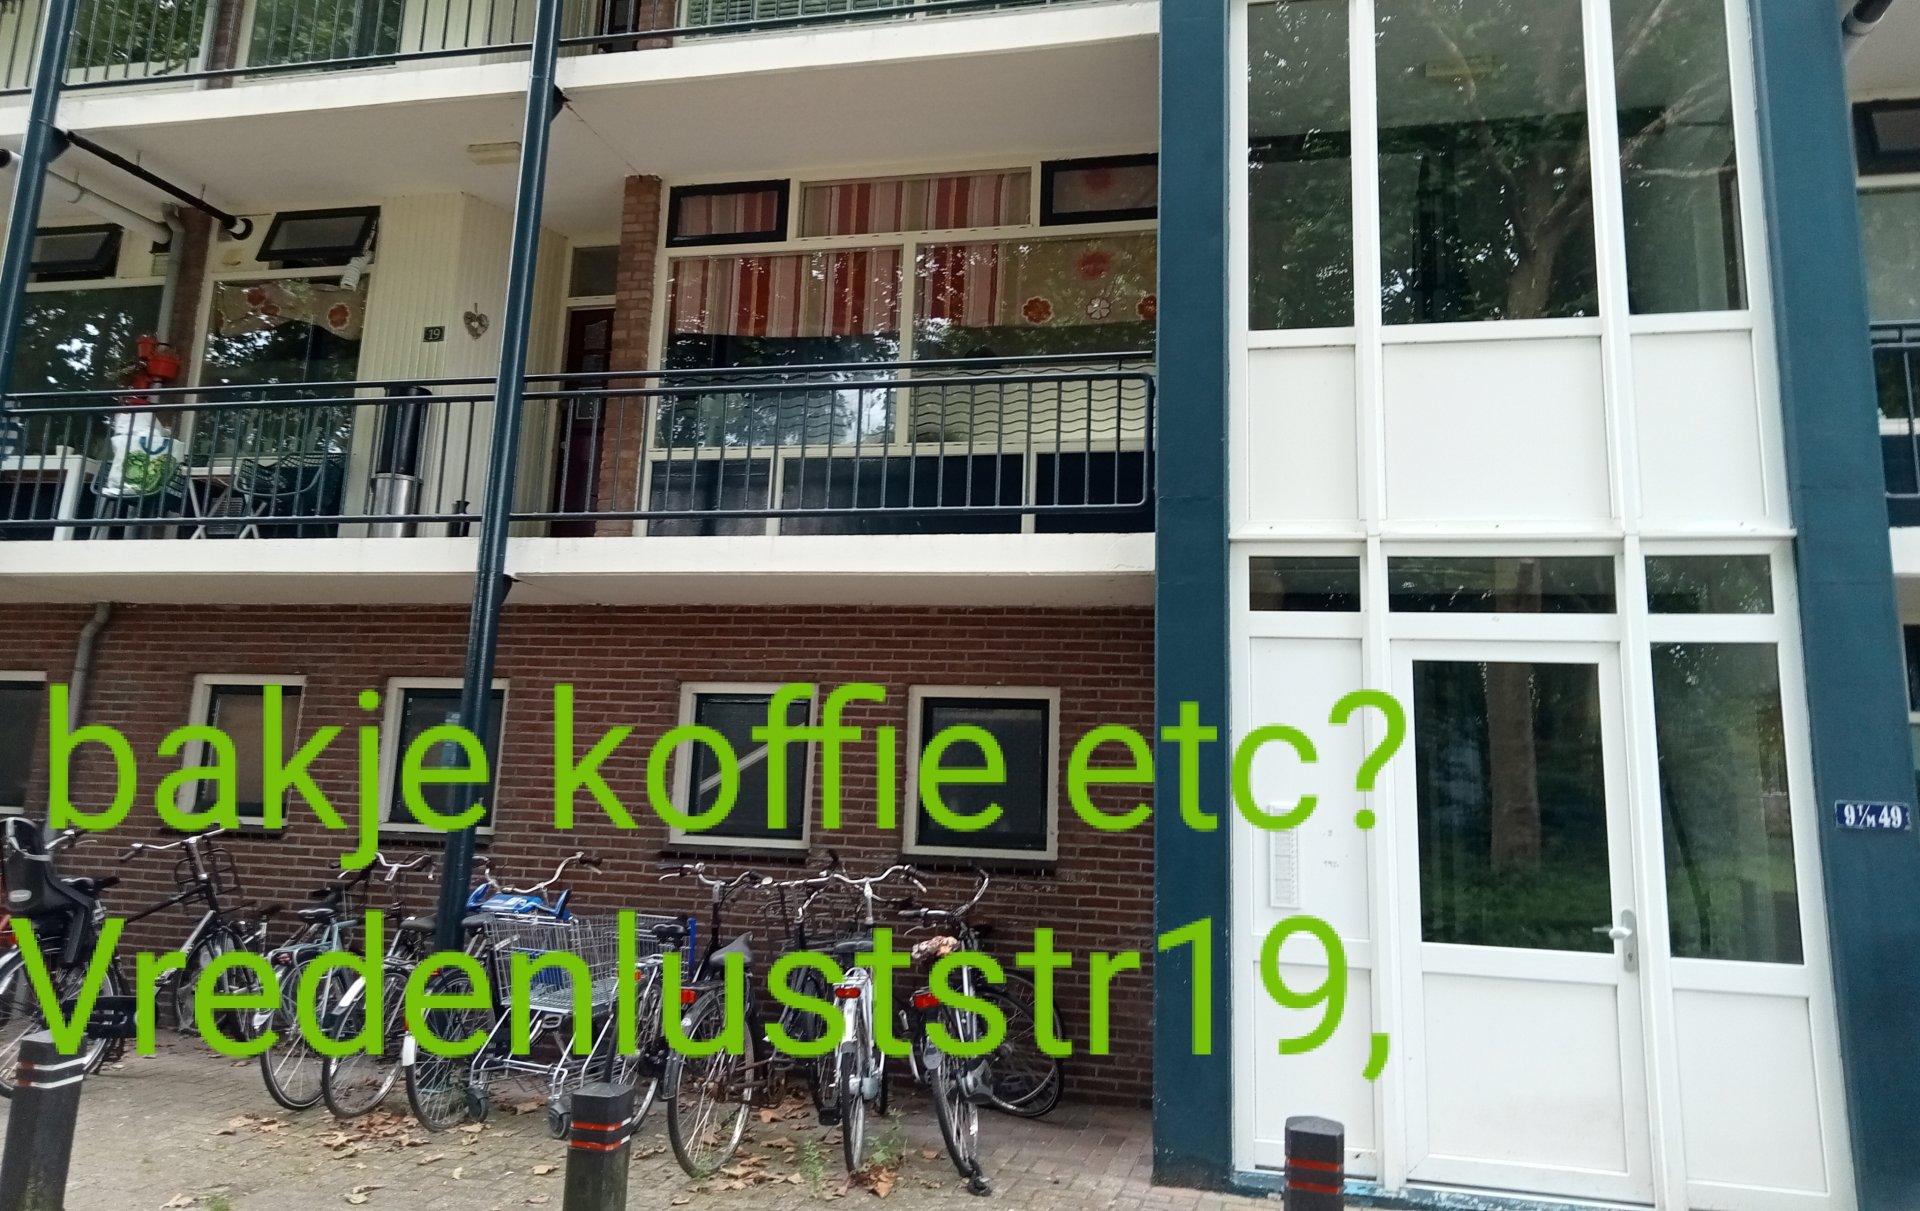 MarcVredenluststr19 uit Drenthe,Nederland